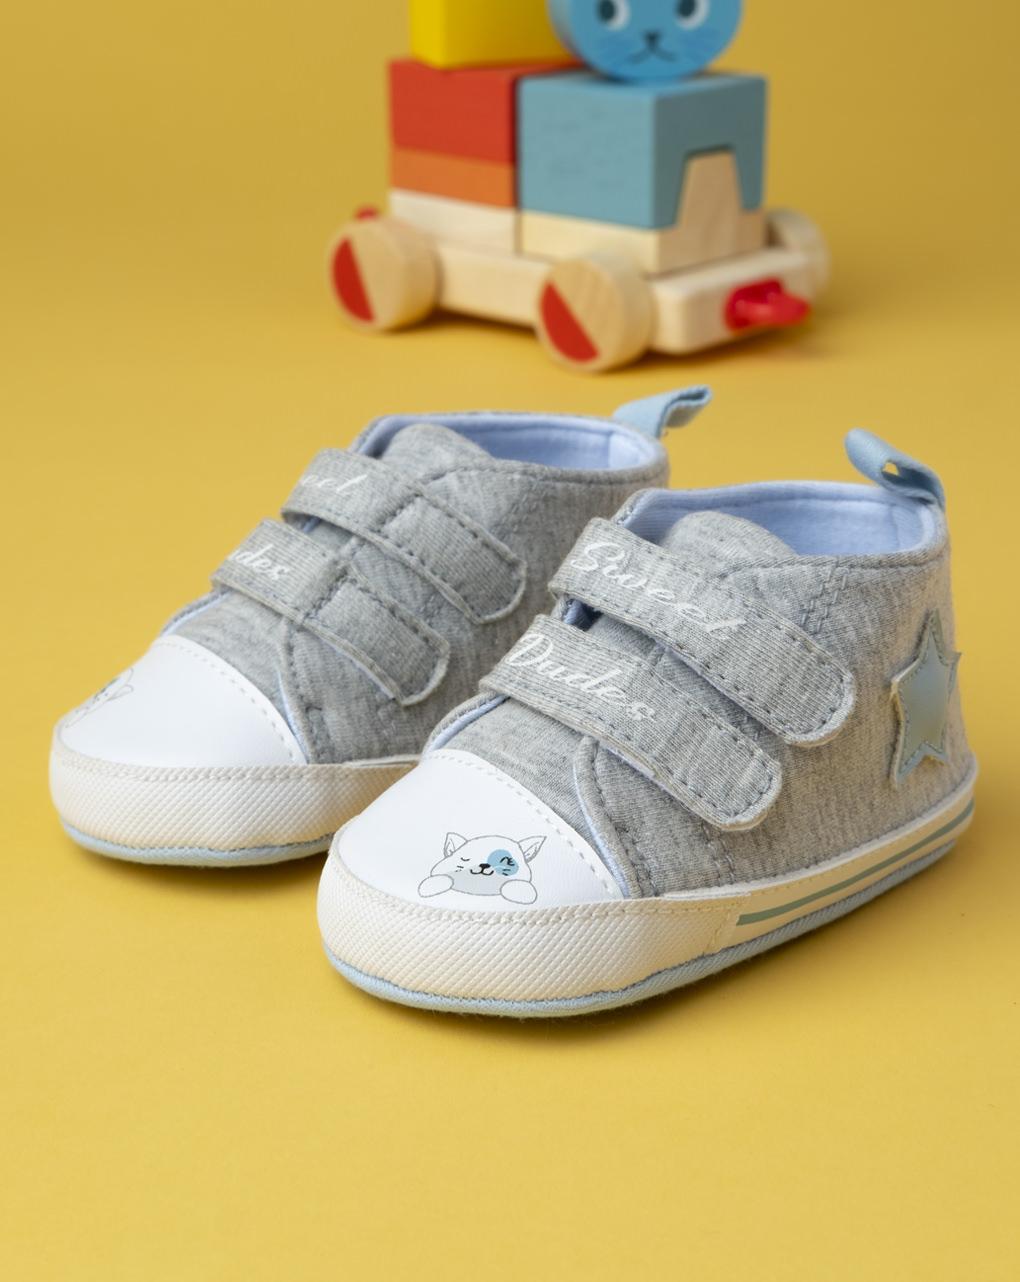 Βρεφικά Παπούτσια Αγκαλιάς Γκρι για Αγόρι